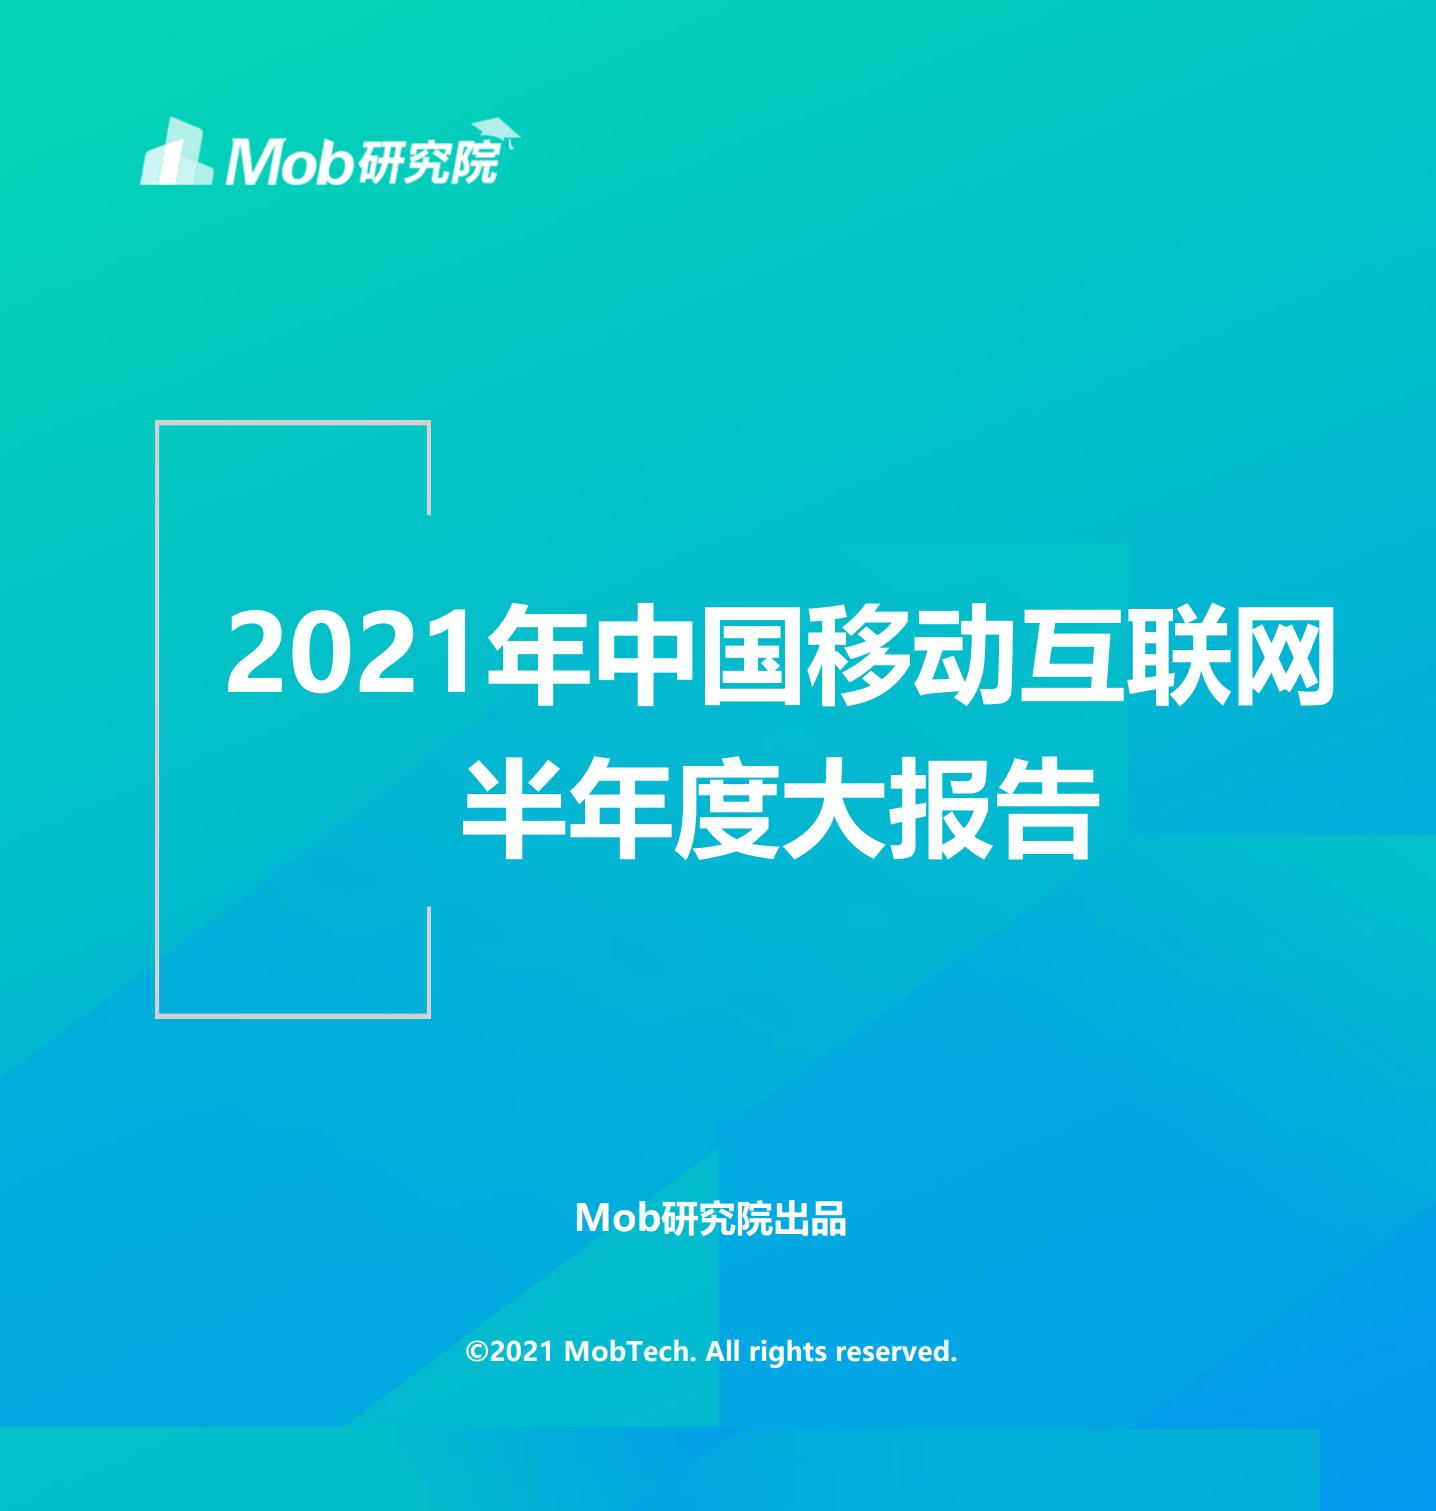 2021年中国移动互联网半年度大报告插图